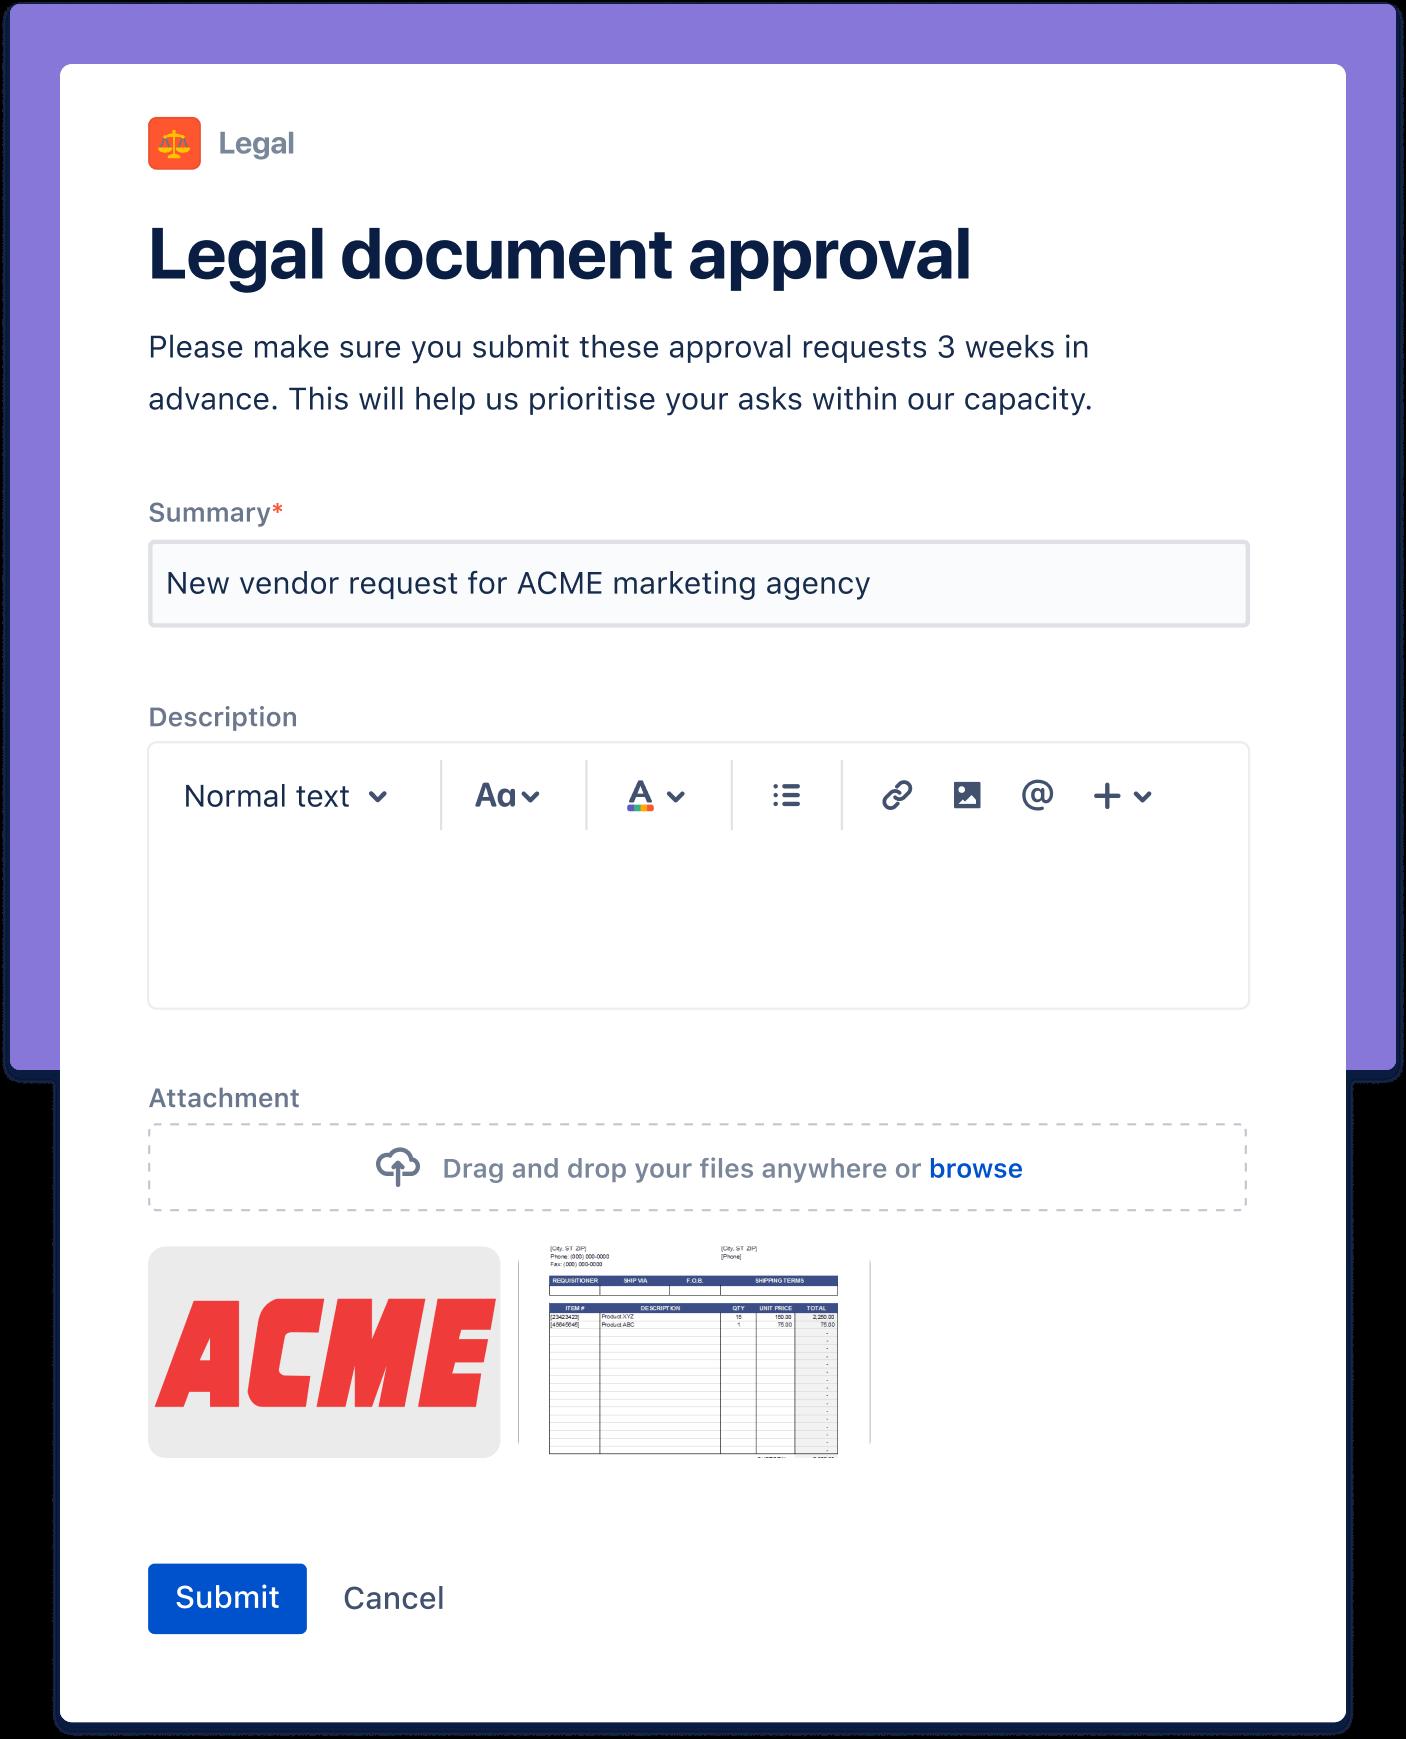 法律文档批准屏幕截图